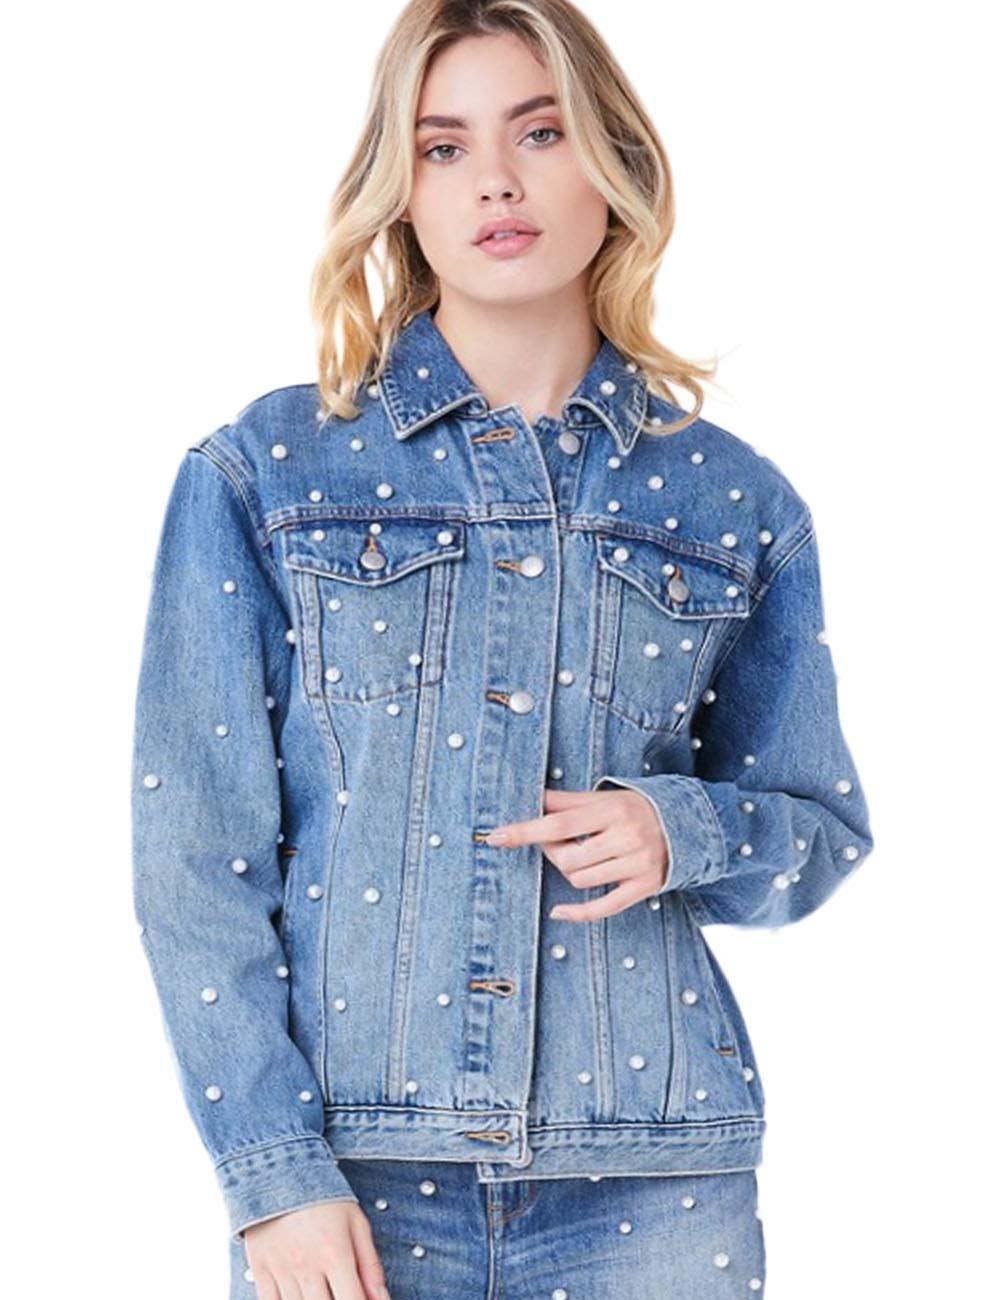 Innifer Women's Boyfriend Pearl Beaded Oversized Trucker Blue Denim Jacket Coat